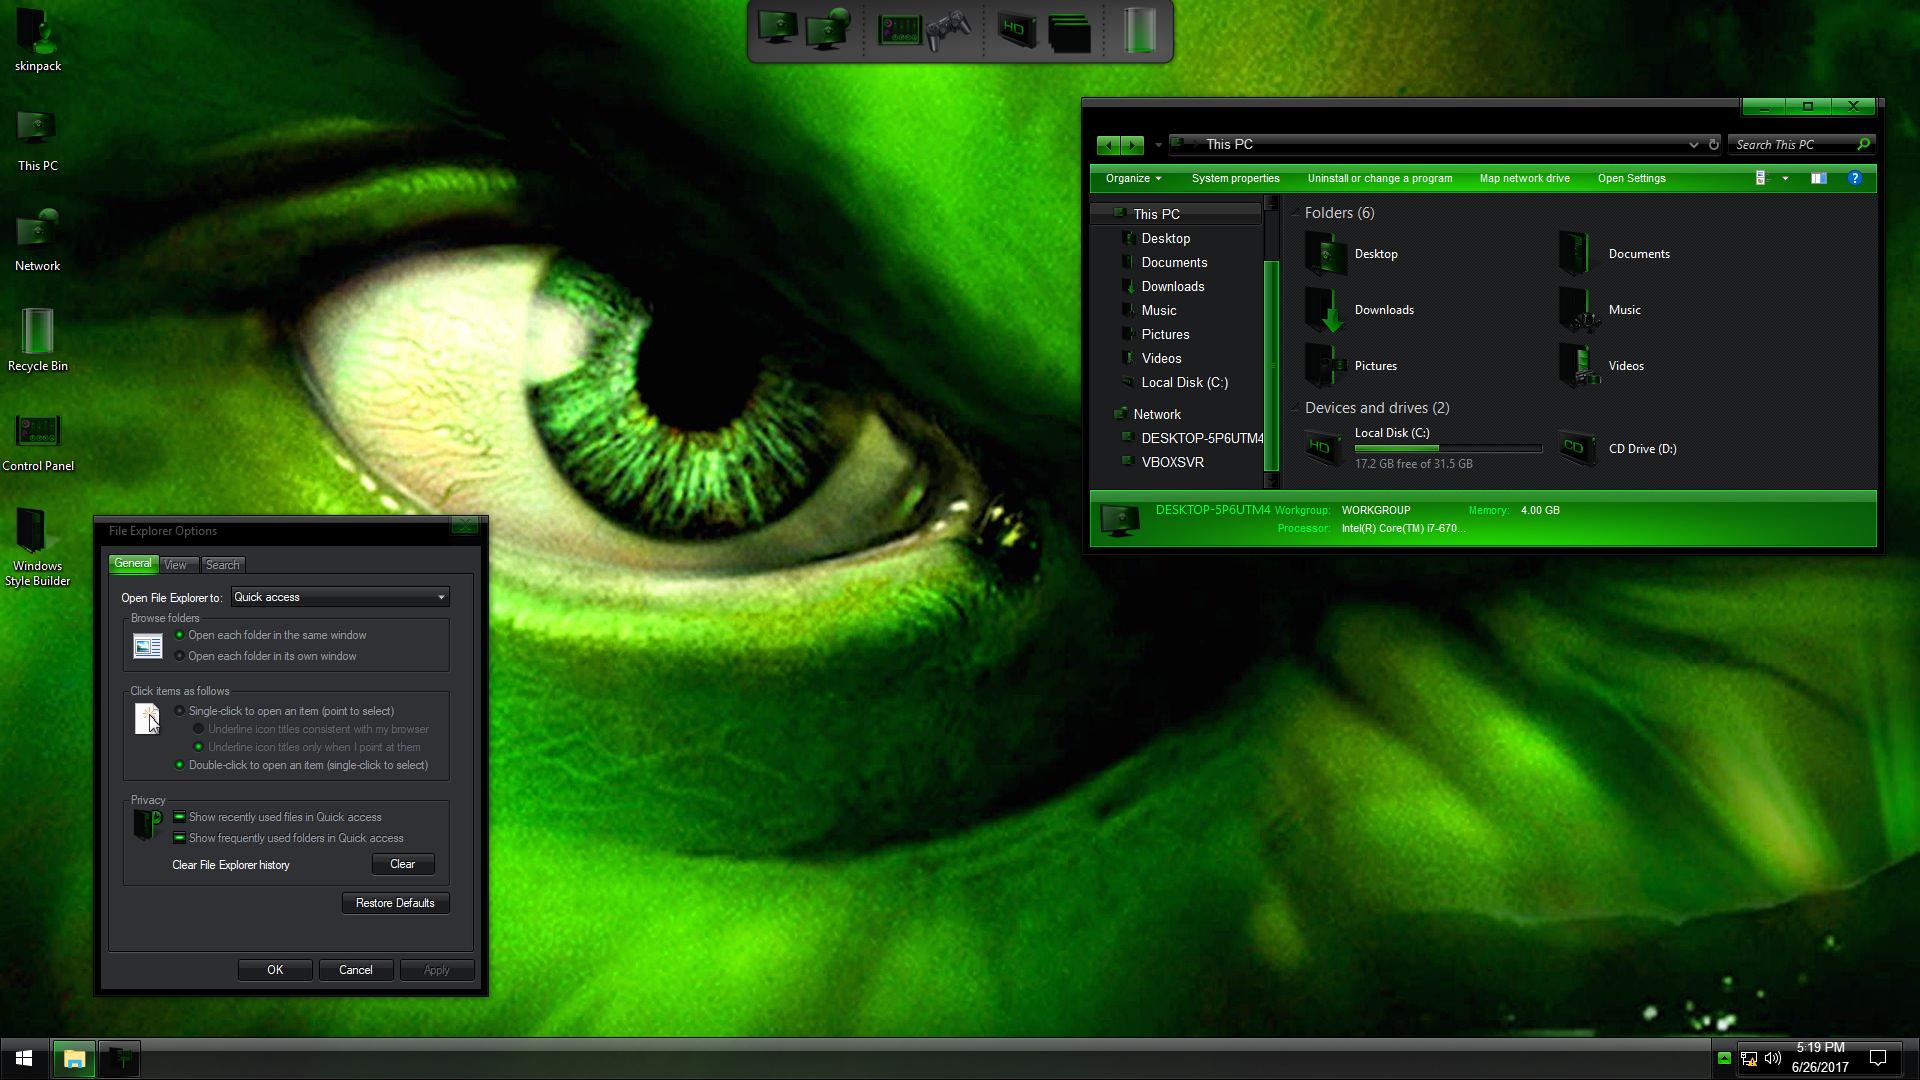 Mercenary IconPack for Windows 7/8.1/10